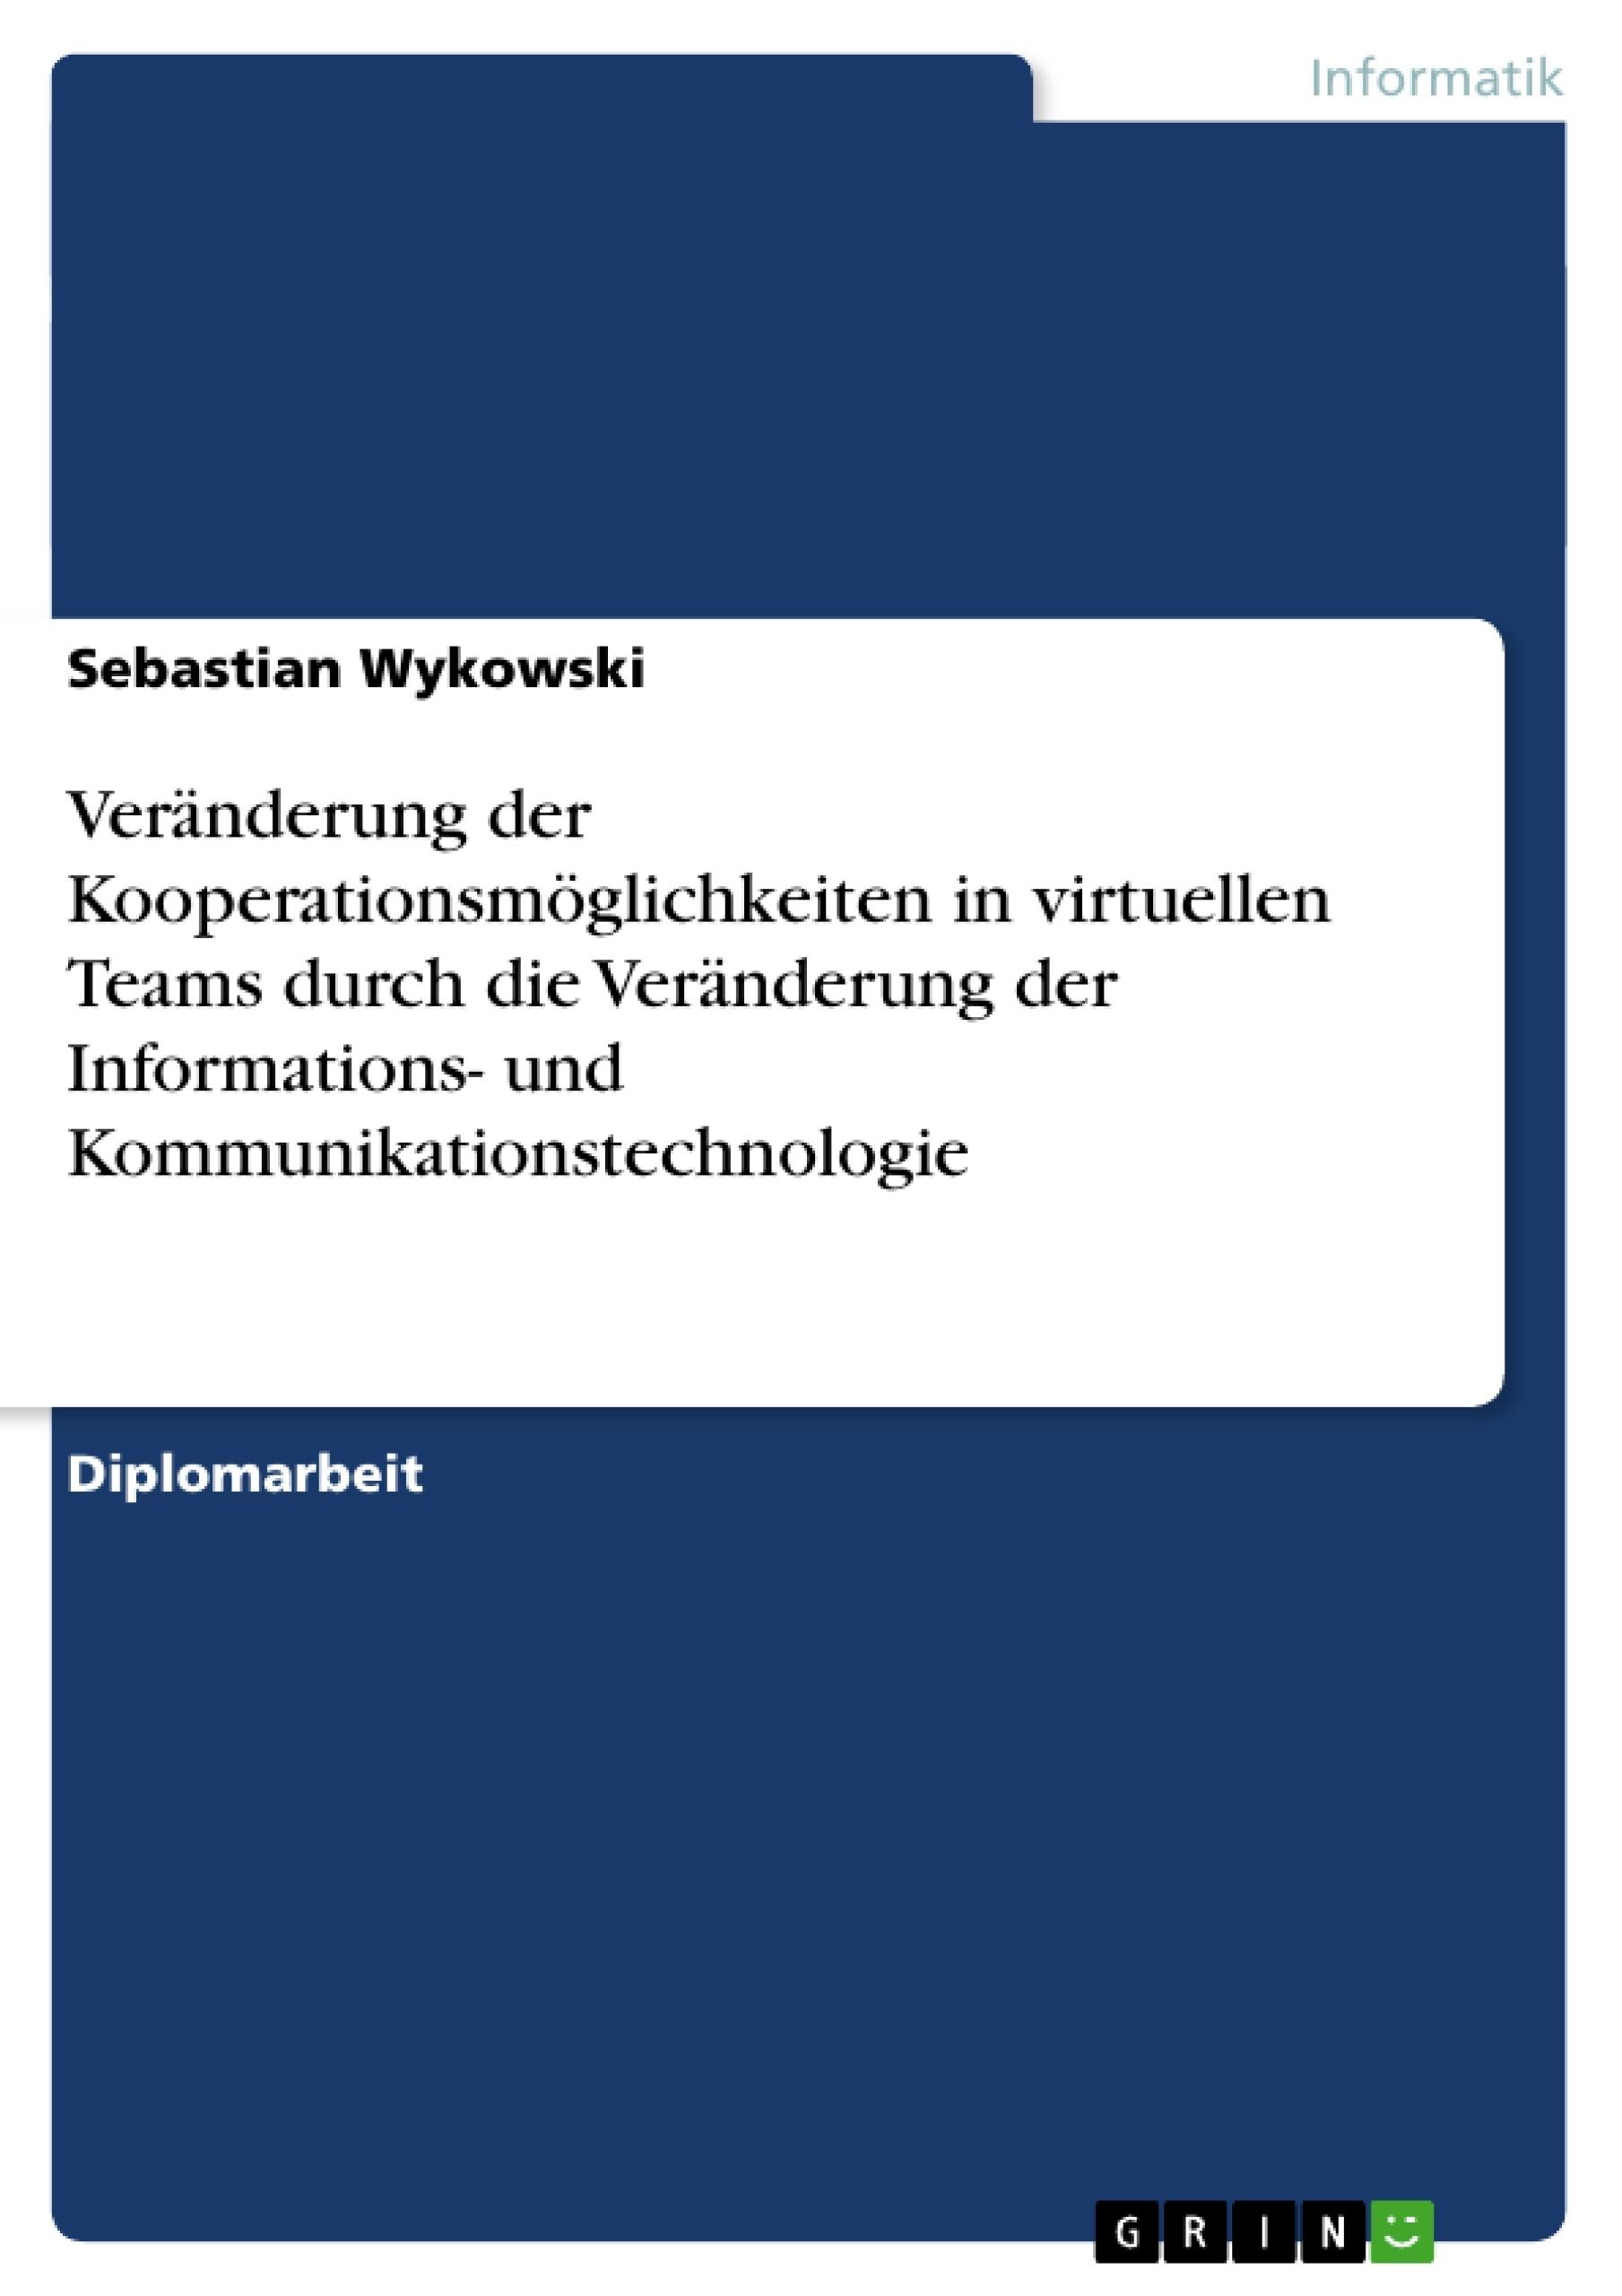 Titel: Veränderung der Kooperationsmöglichkeiten in virtuellen Teams durch die Veränderung der Informations- und Kommunikationstechnologie